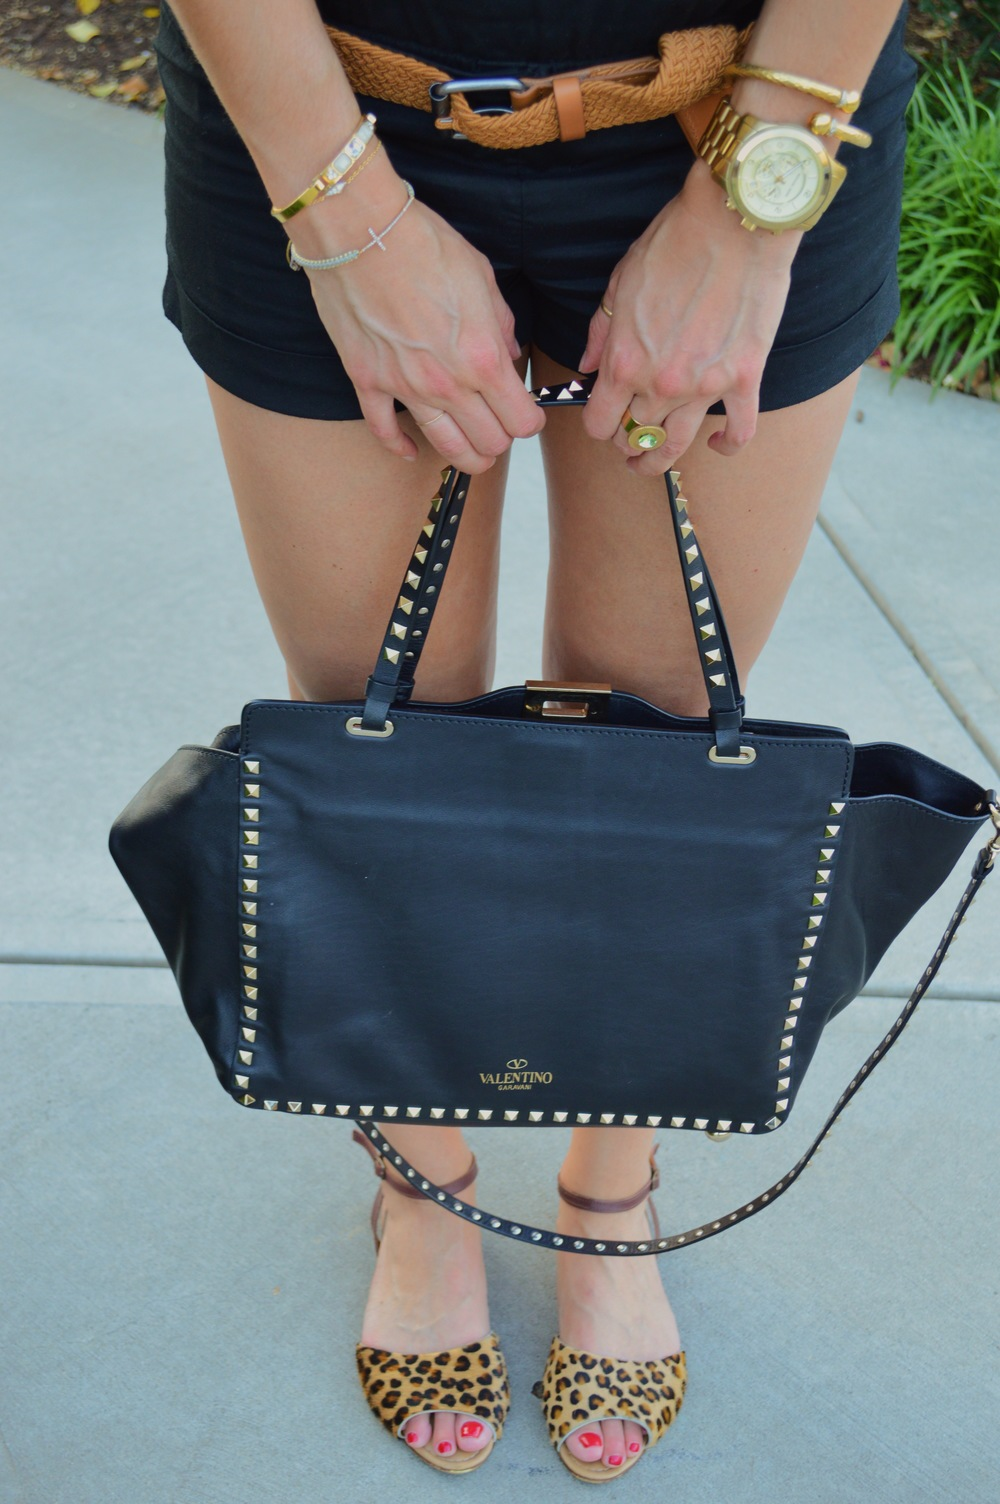 LaurenSchwaiger-Blog-Style-Valentino-Outfit-Details.jpg